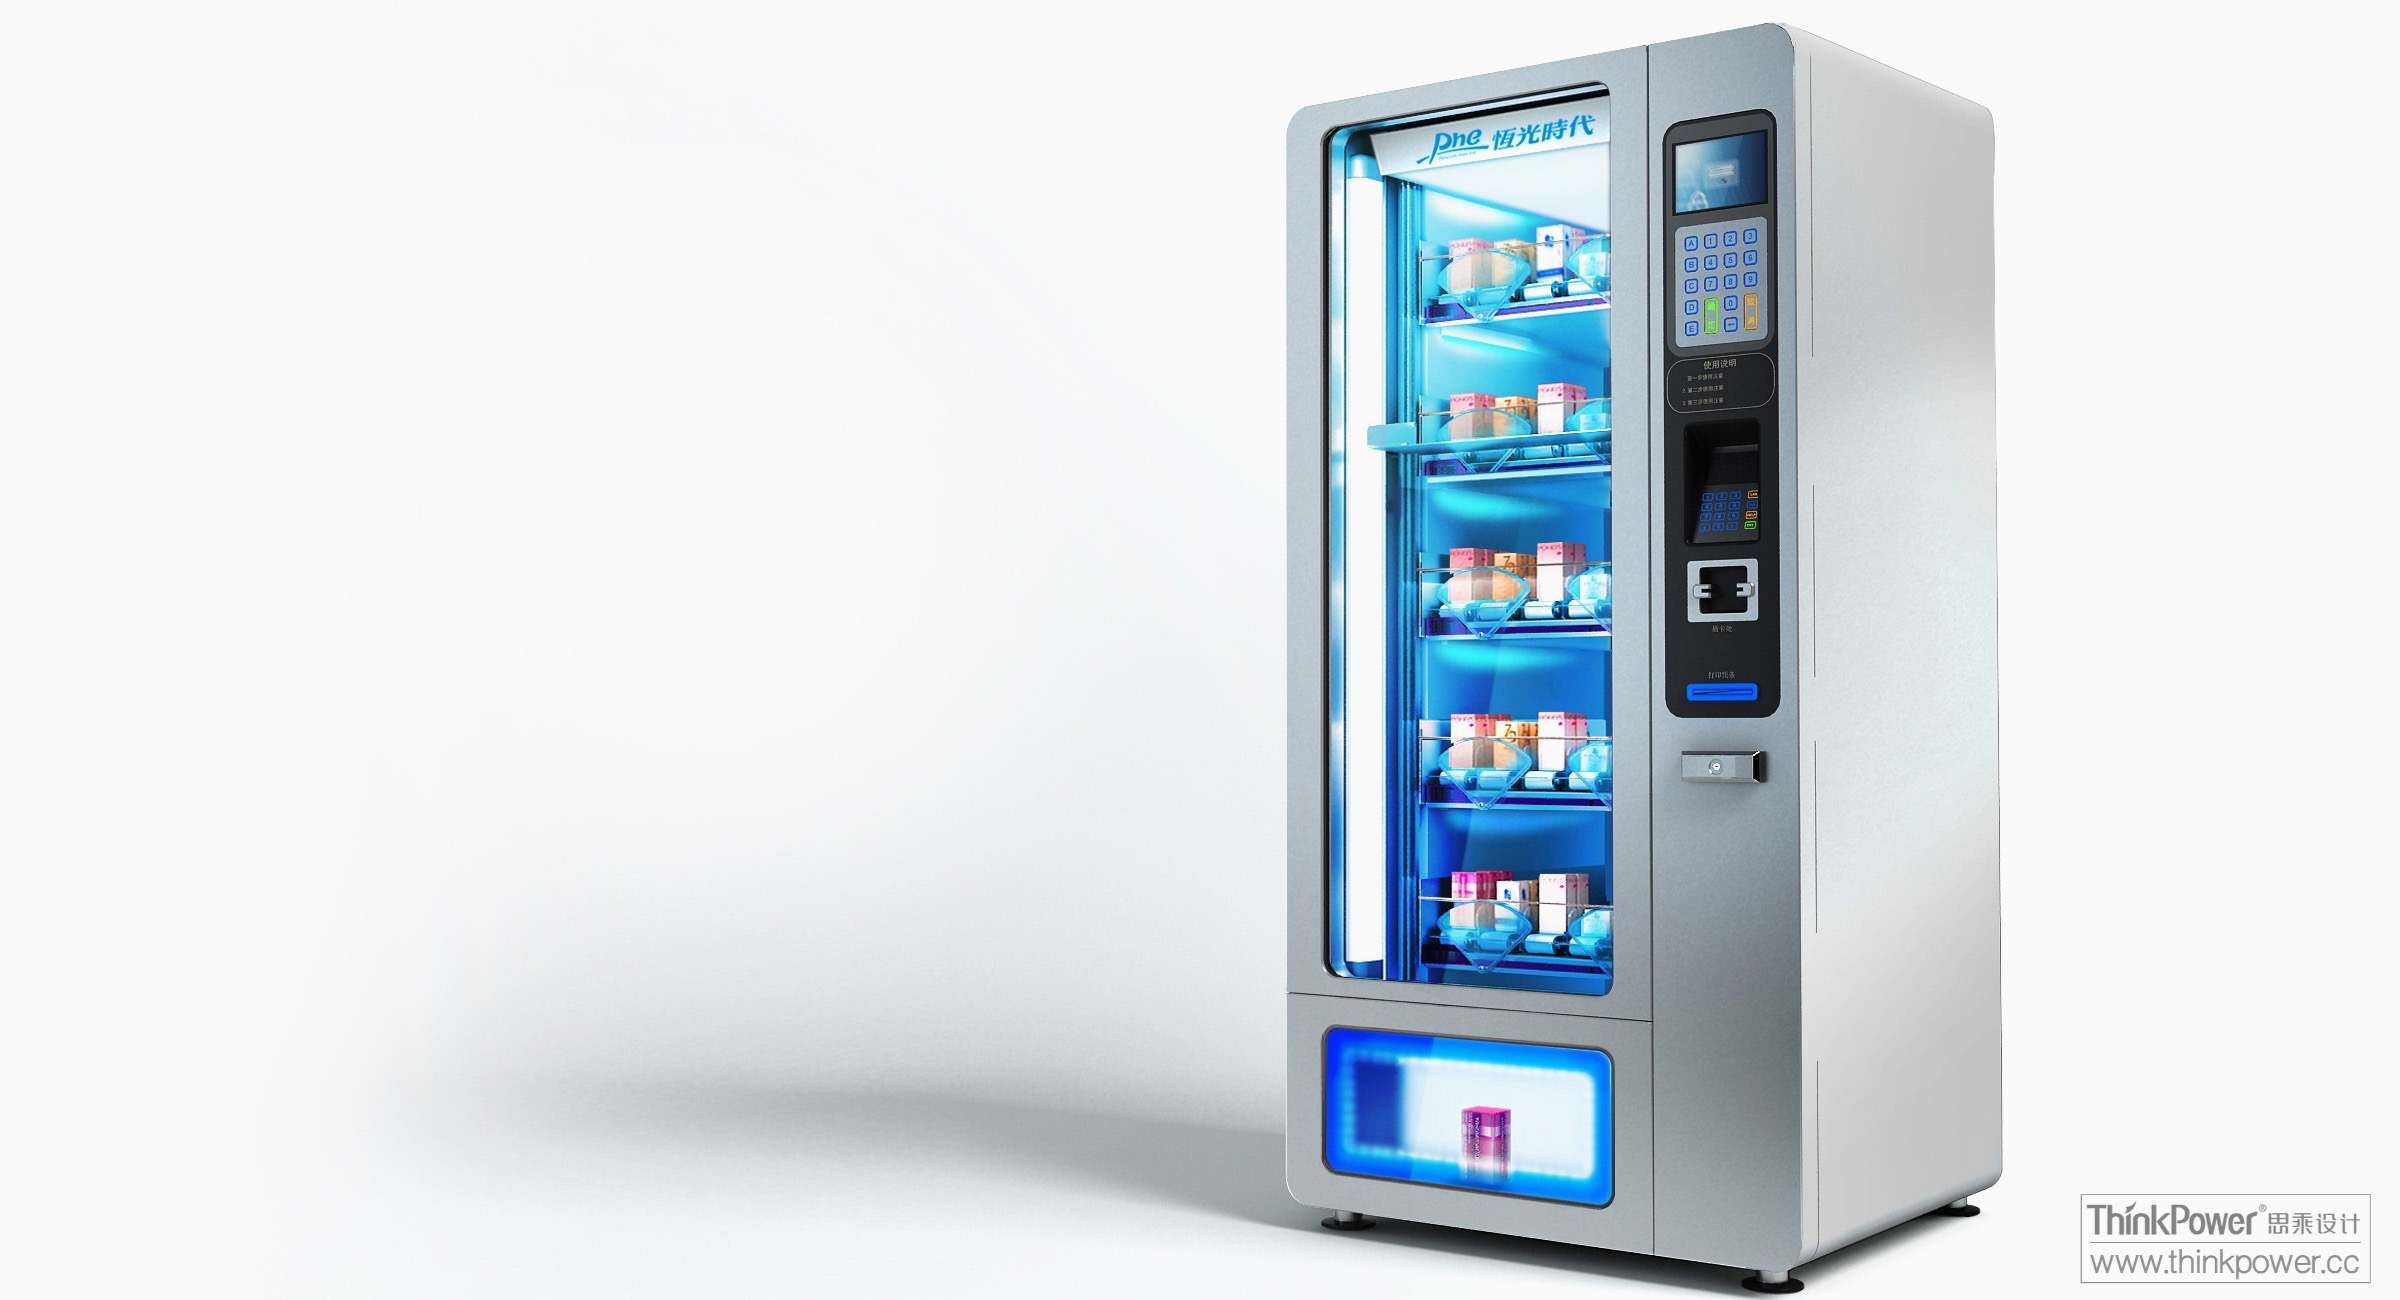 自动售货机 - 专业设备 - 北京思乘创新工业设计有限